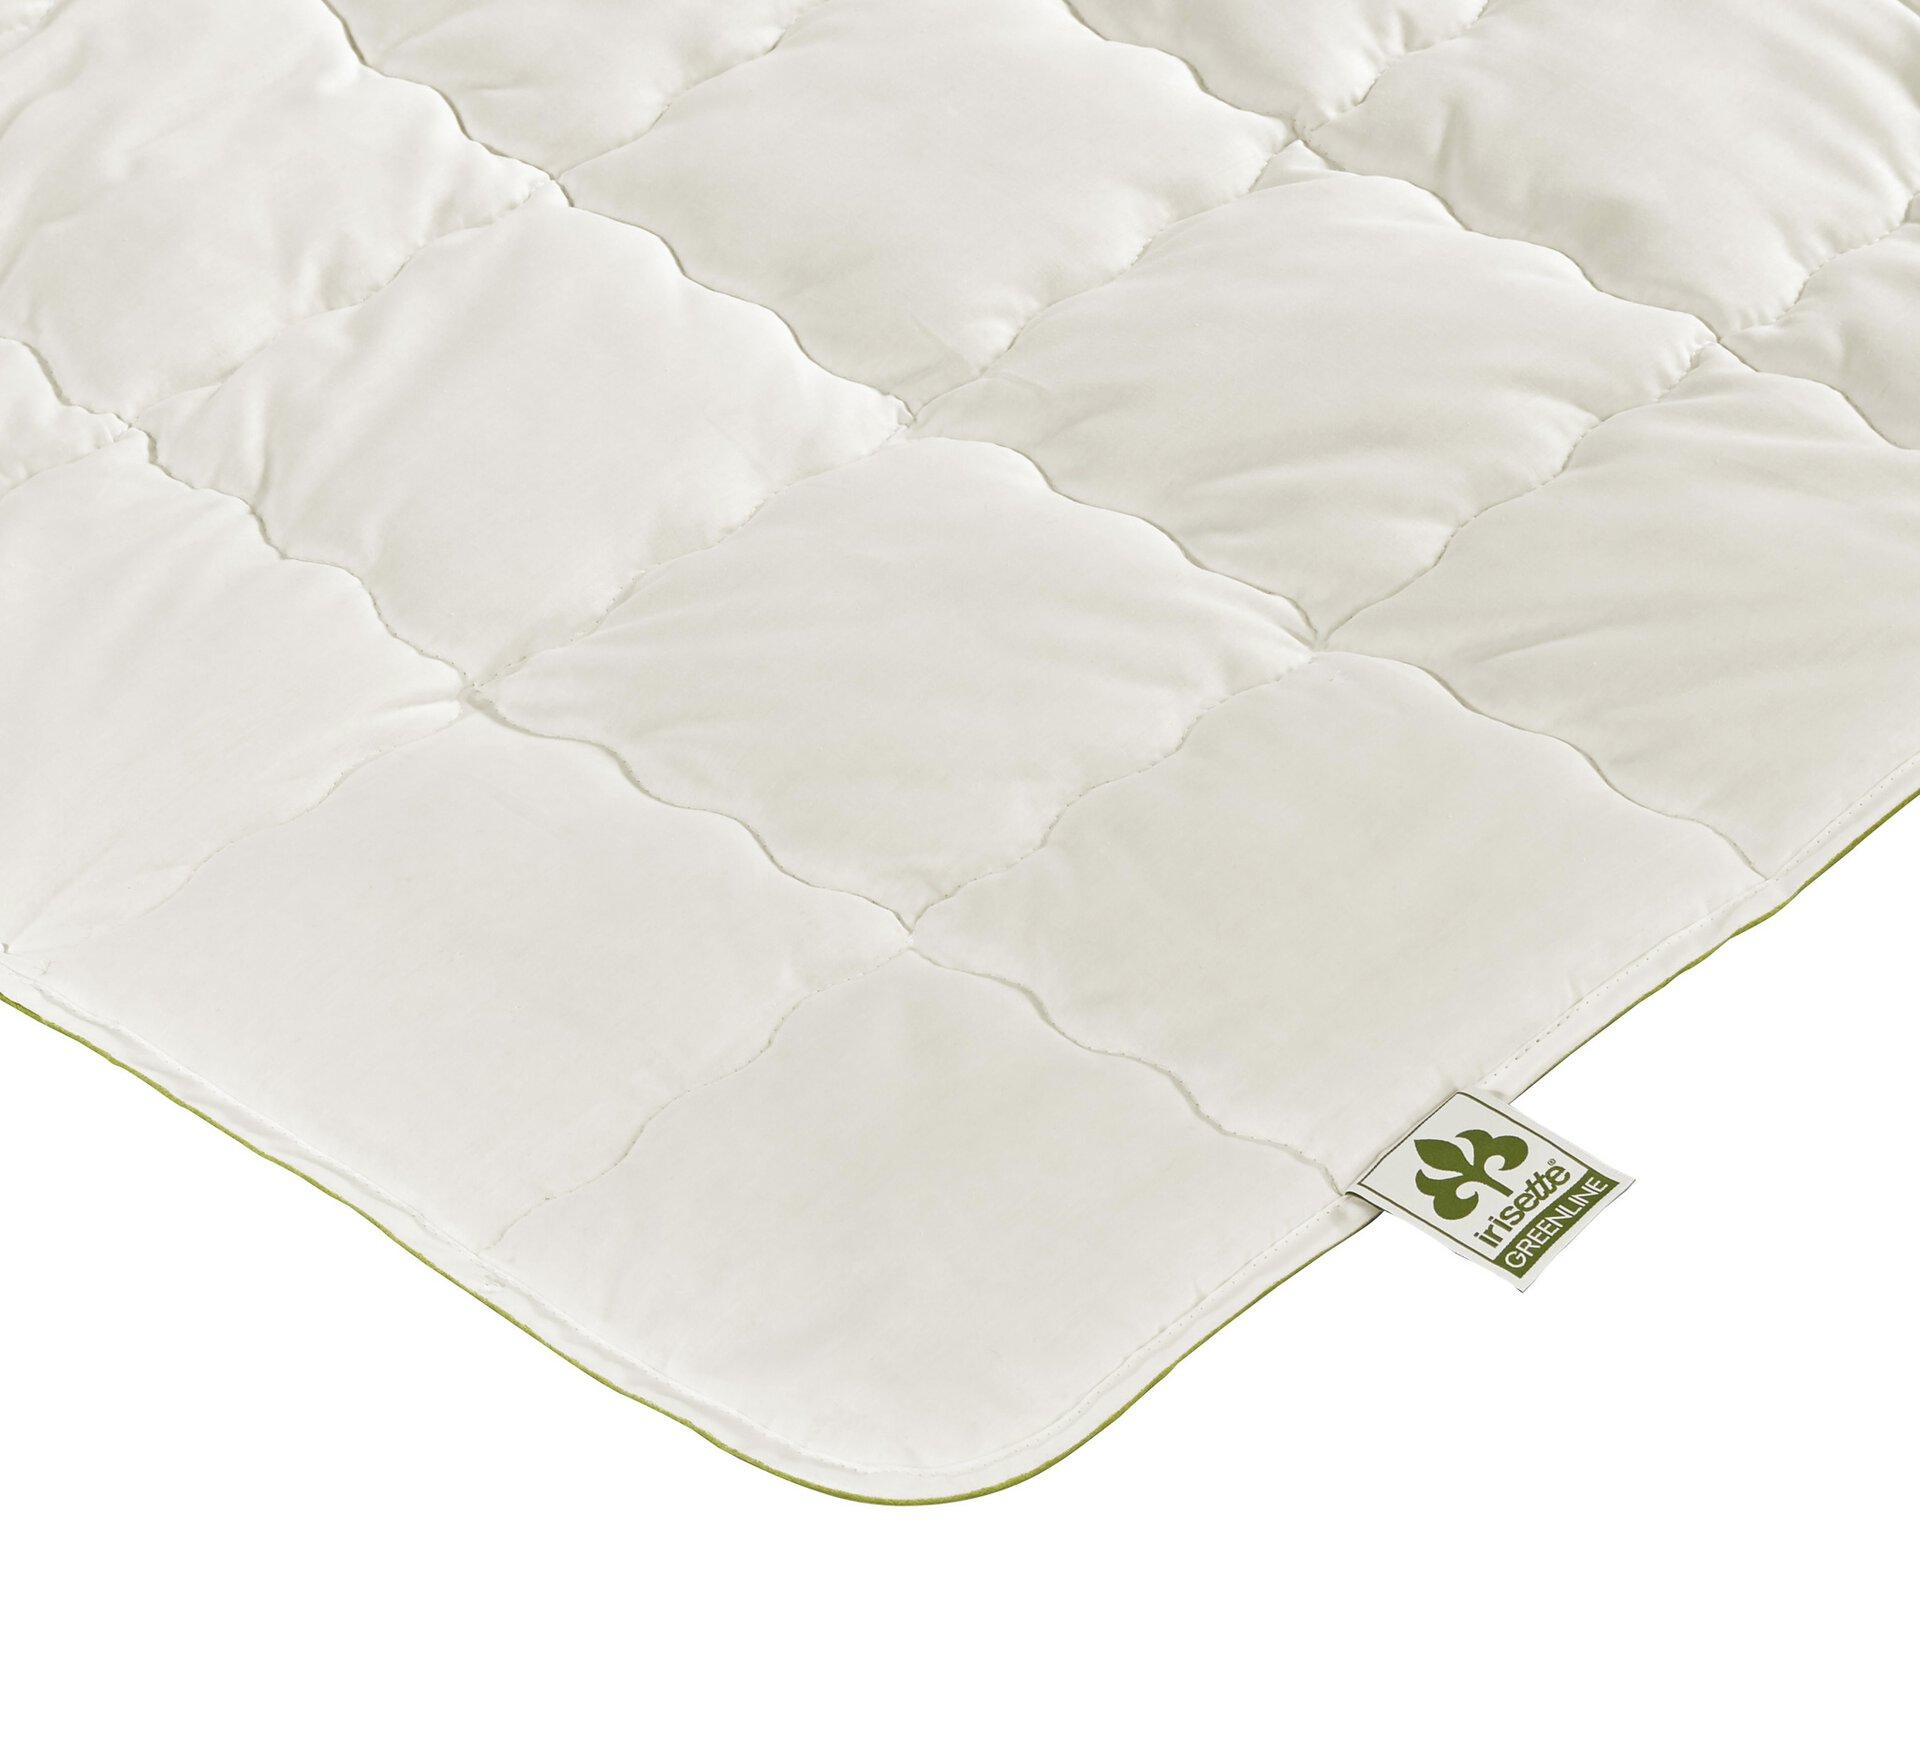 Lightdecke Baumwolle ECO leicht Badenia Irisette Greenline Textil weiß 135 x 200 cm